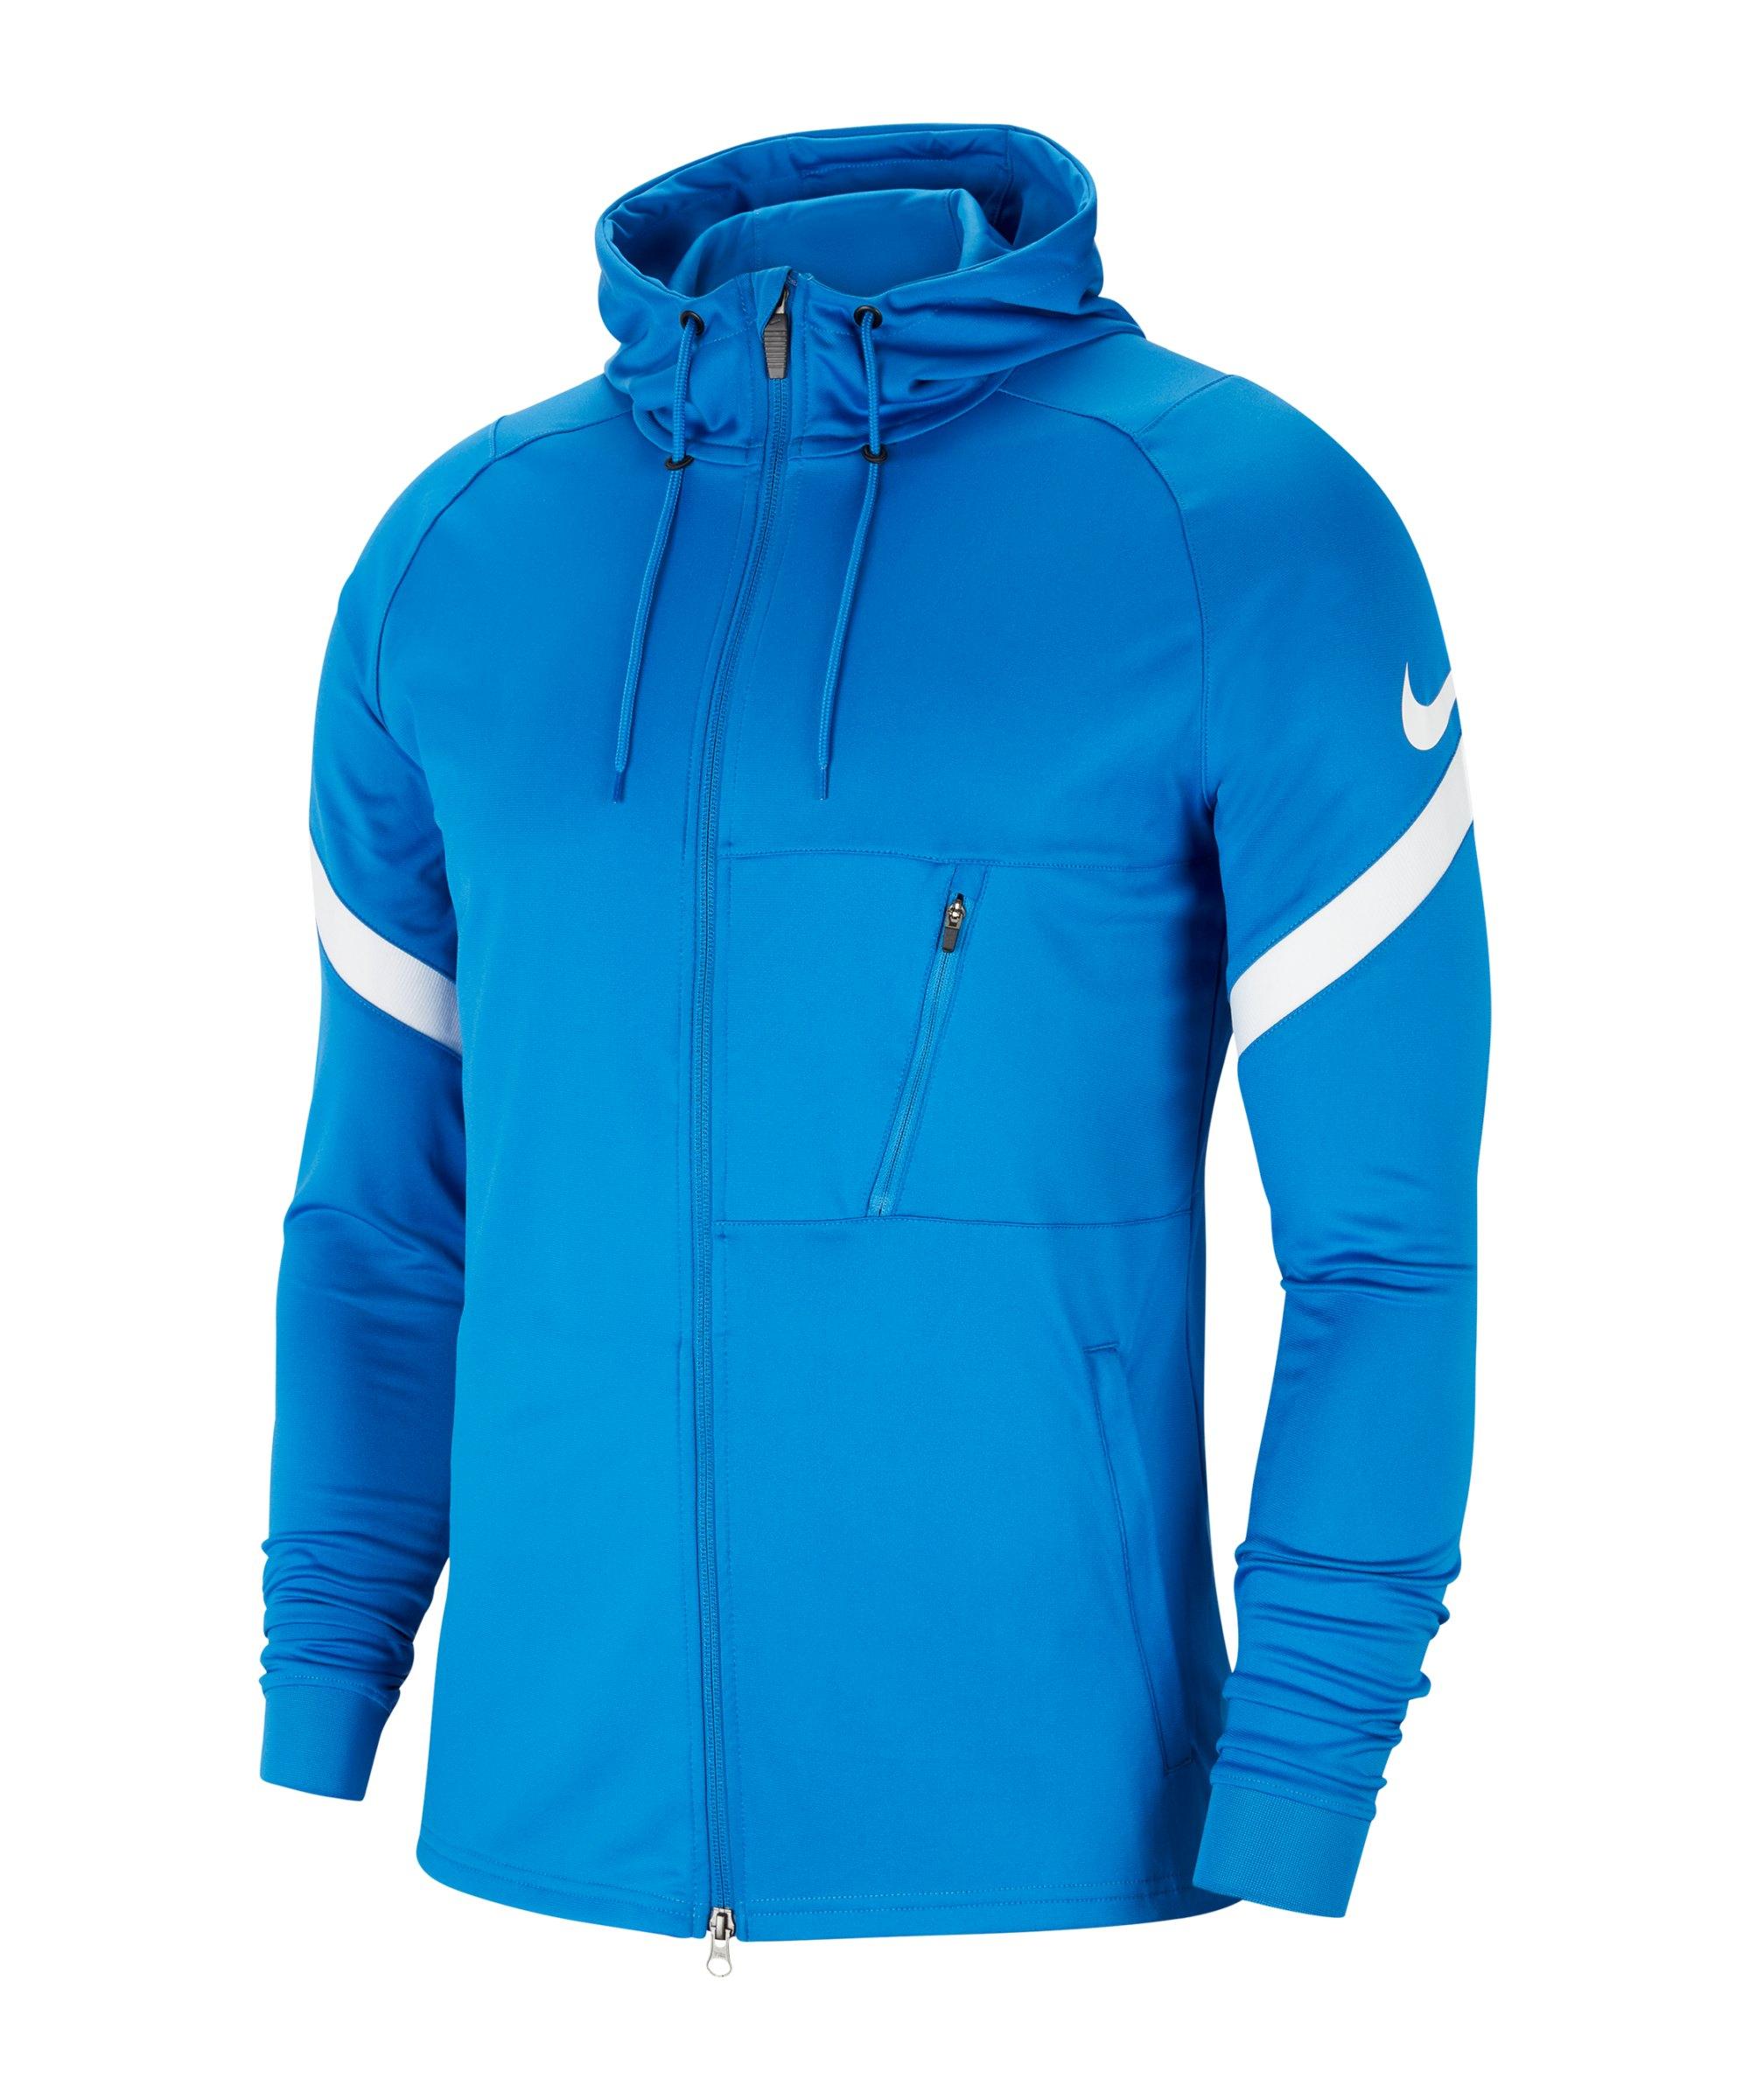 Nike Strike 21 Kapuzenjacke Blau Weiss F463 - blau